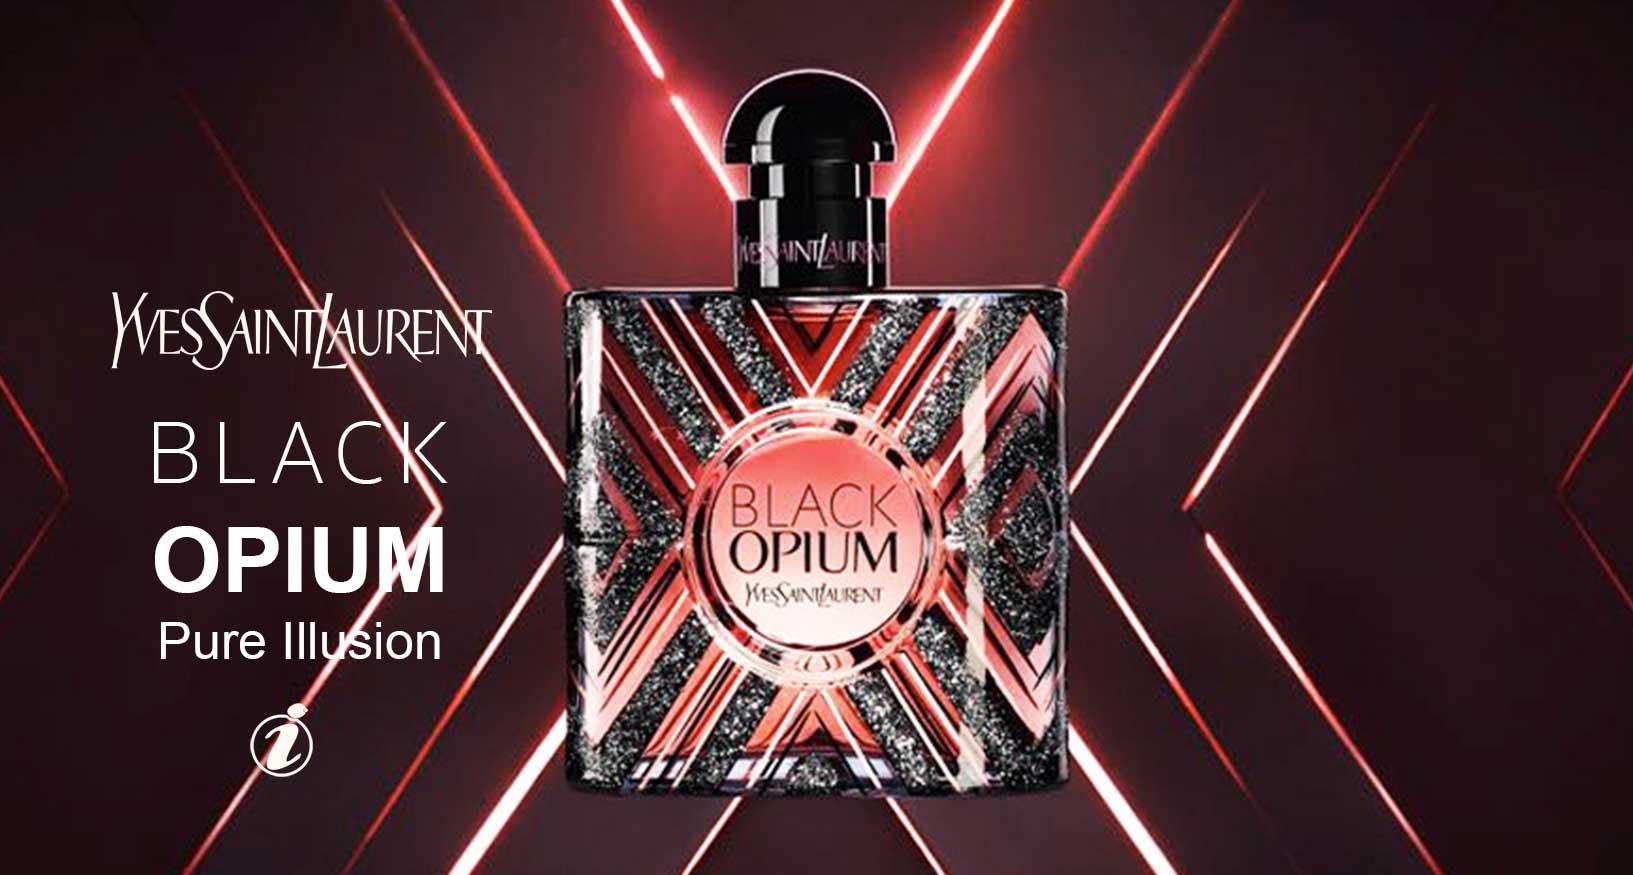 Yves-Saint-Laurent-Black-Opium-Pure-Illusion